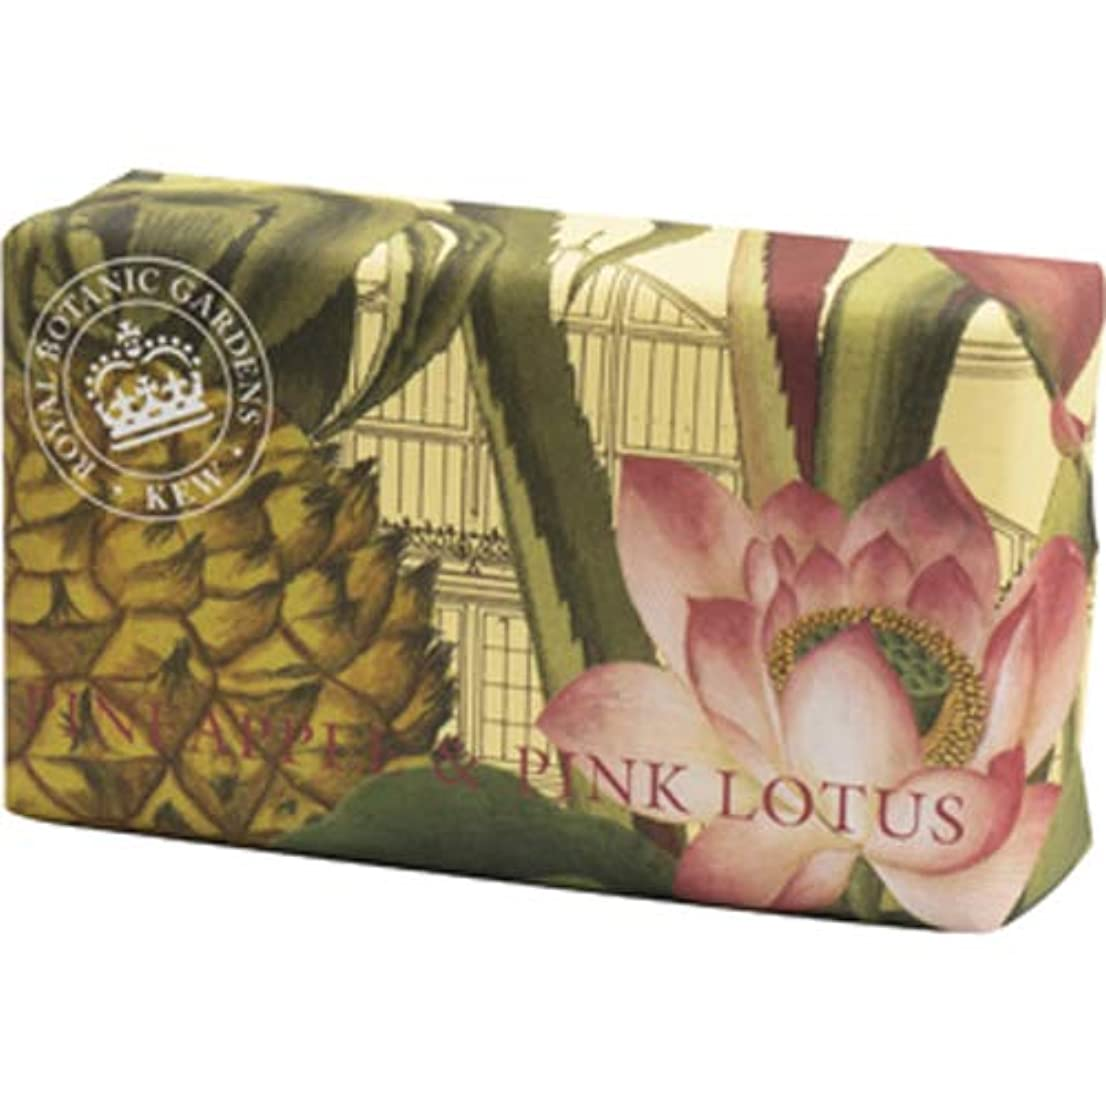 シミュレートする幻滅するモンキーEnglish Soap Company イングリッシュソープカンパニー KEW GARDEN キュー?ガーデン Luxury Shea Soaps シアソープ Pineapple & Pink Lotus パイナップル...